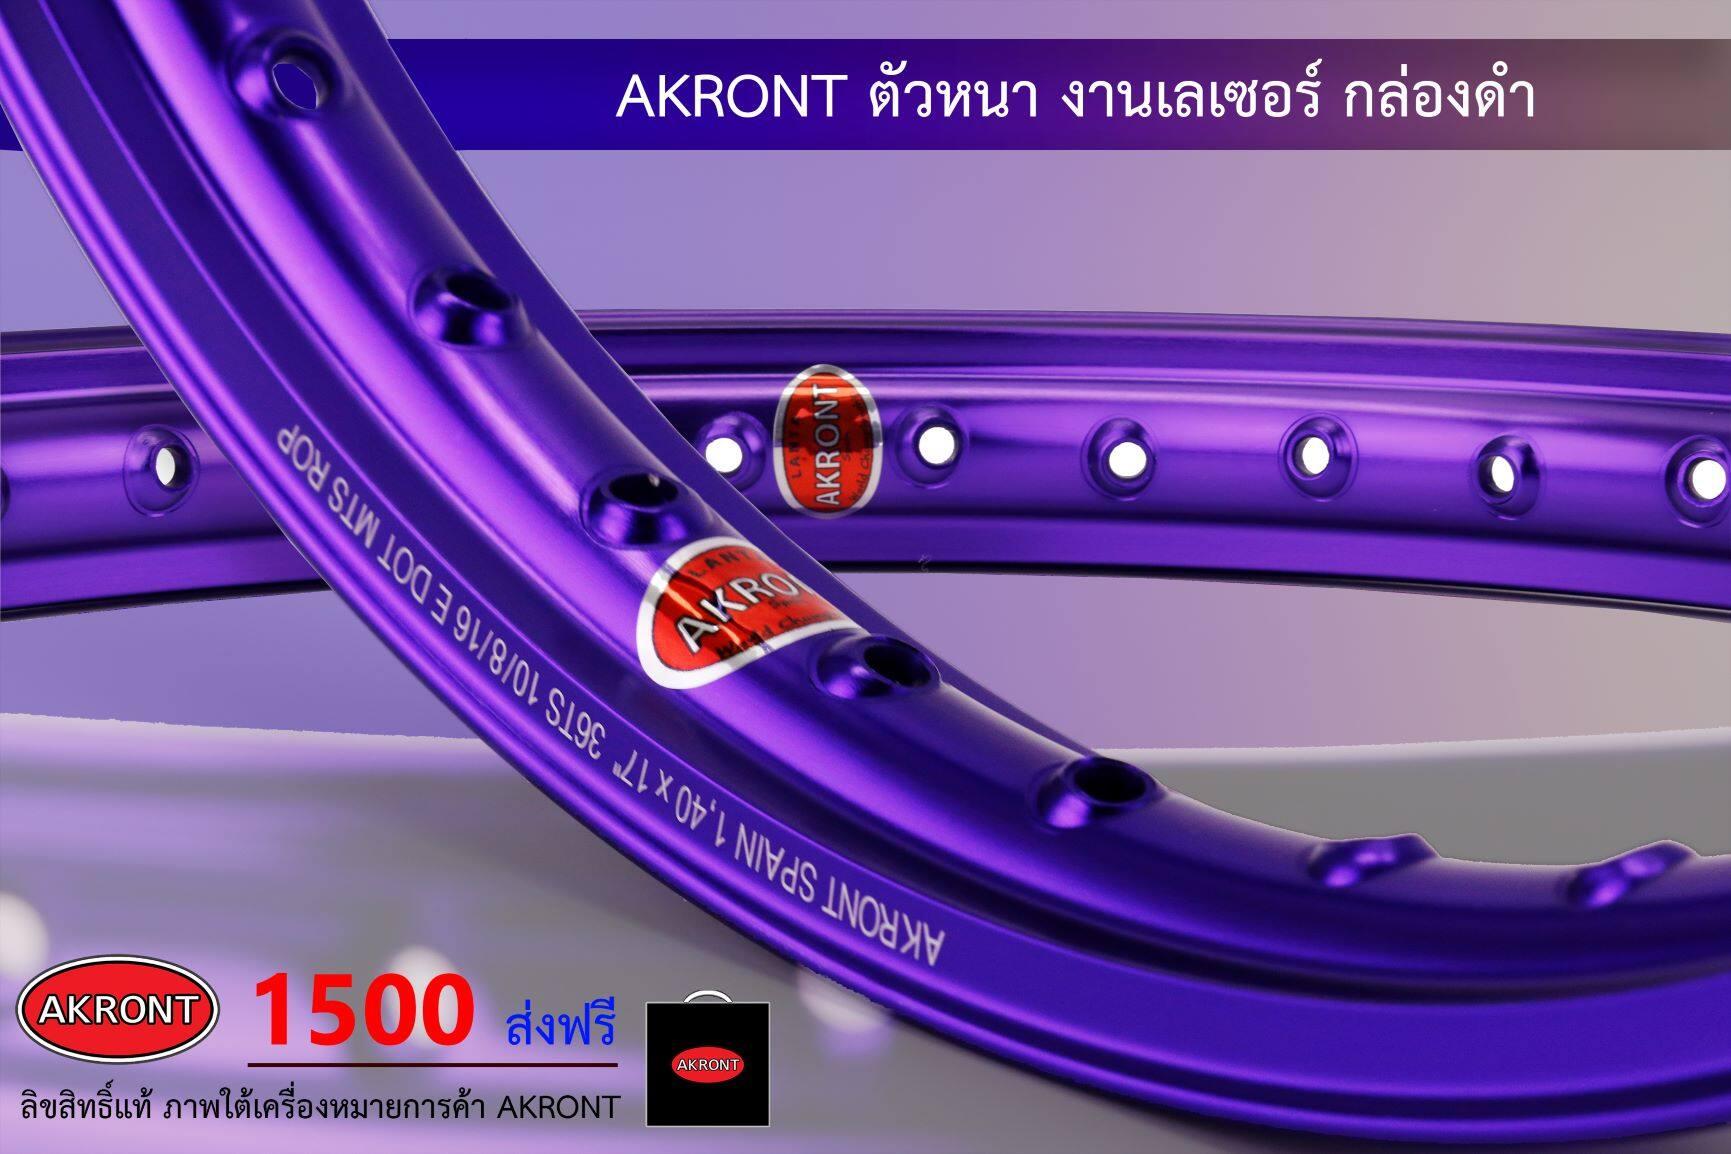 ซื้อที่ไหน วงล้อ AKRONT ลิขสิทธิ์แท้ ขนาด1.4-17 แข็ง หนา งานเลเซอร์ขอบ สีสดไม่ซีด สีม่วงน้ำเงิน l PTM Racing